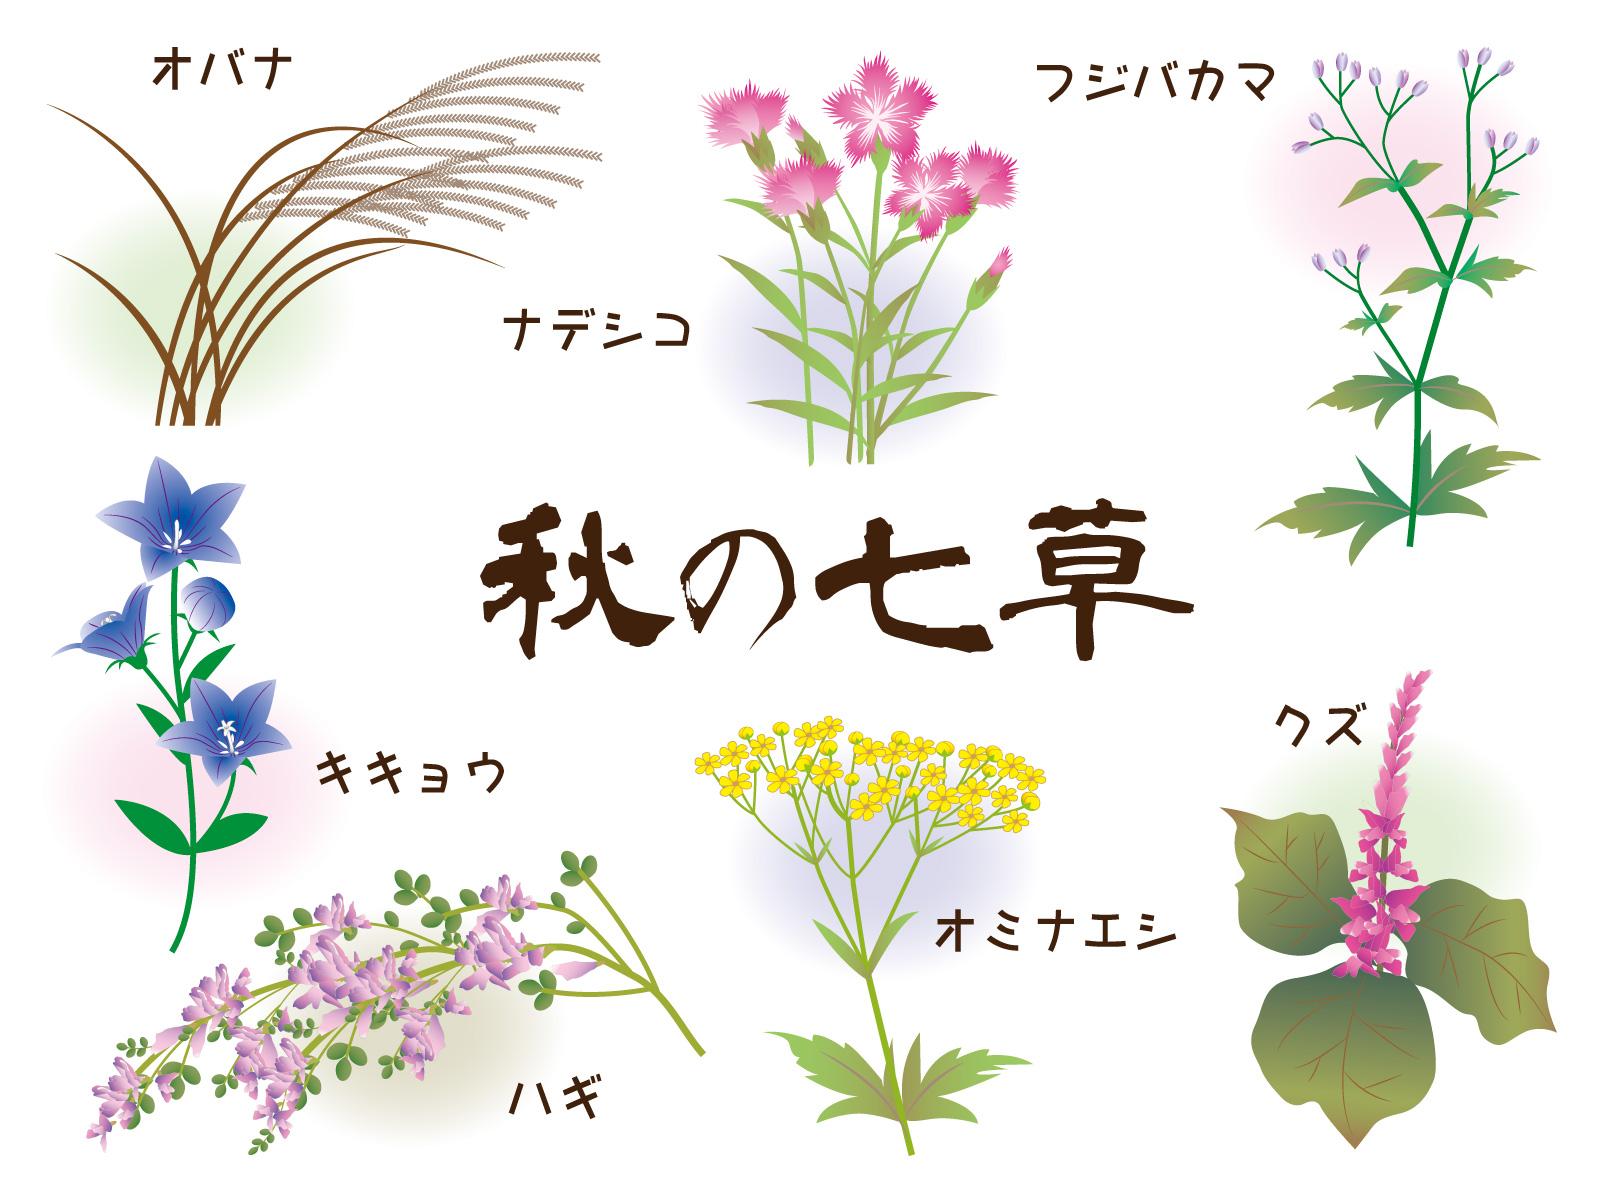 七草 方 の 秋 覚え